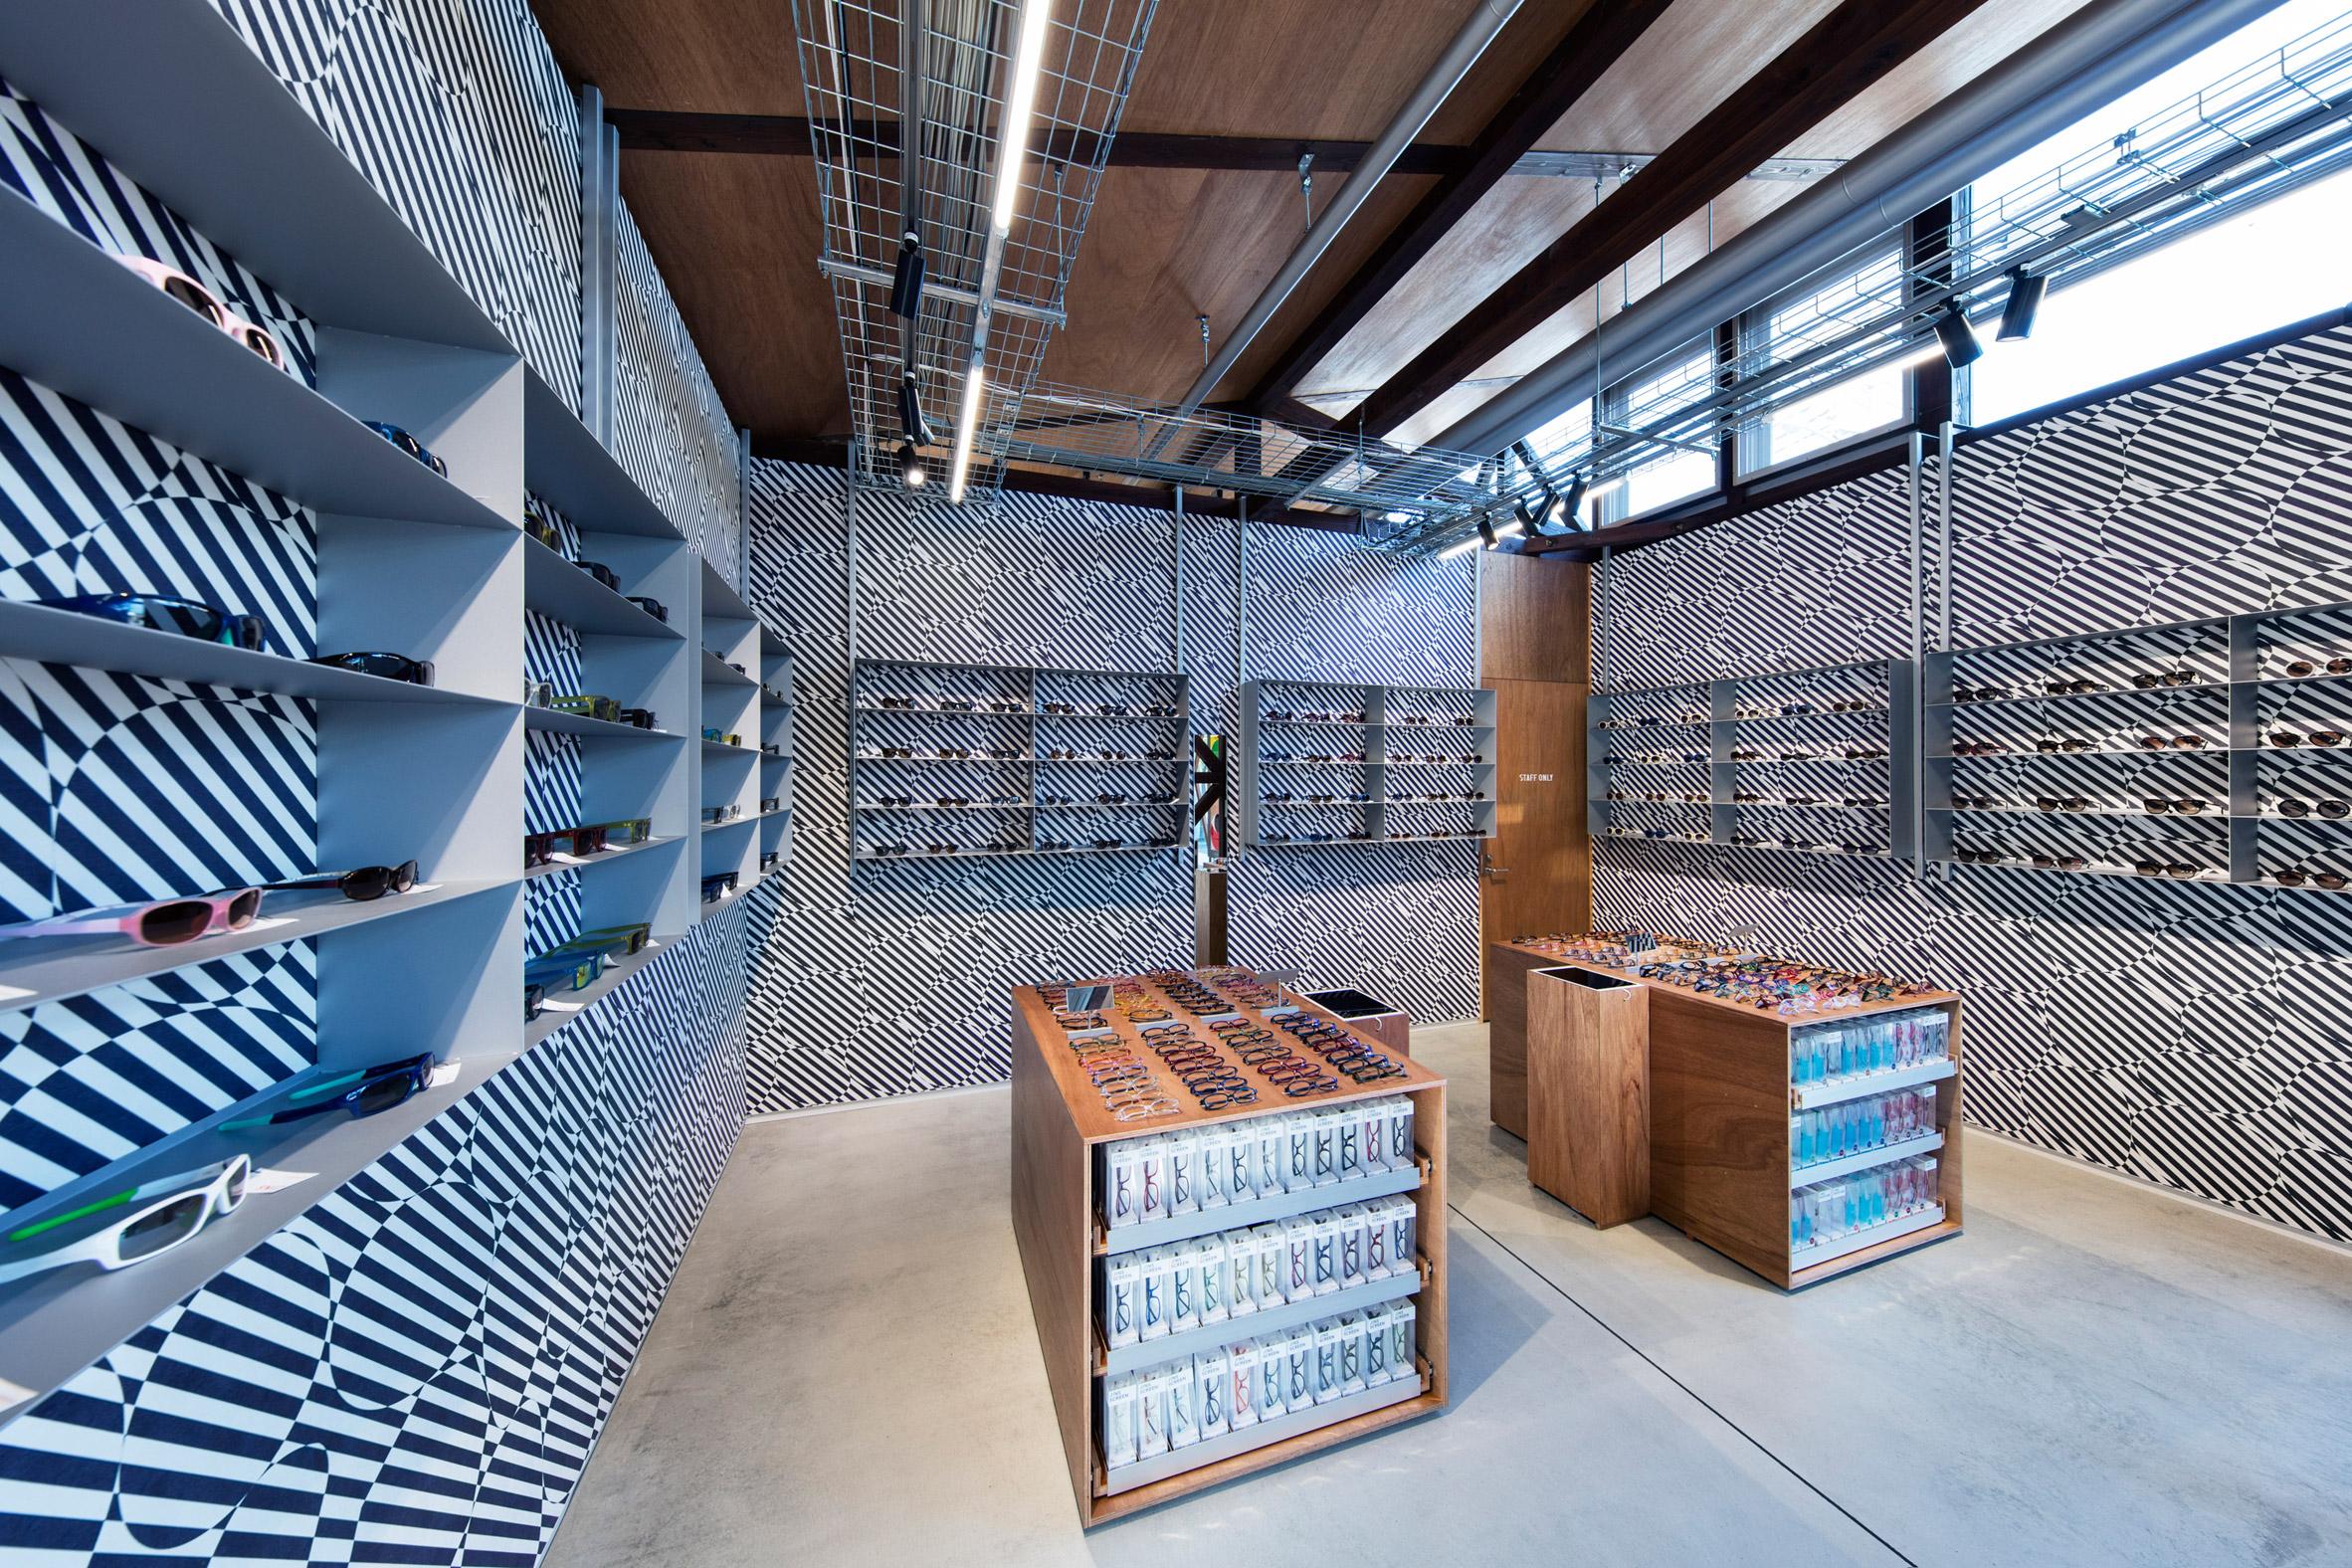 jins-eyeware-schemata-architects-shop-interior-renovation-ageo-japan_dezeen_2364_col_6